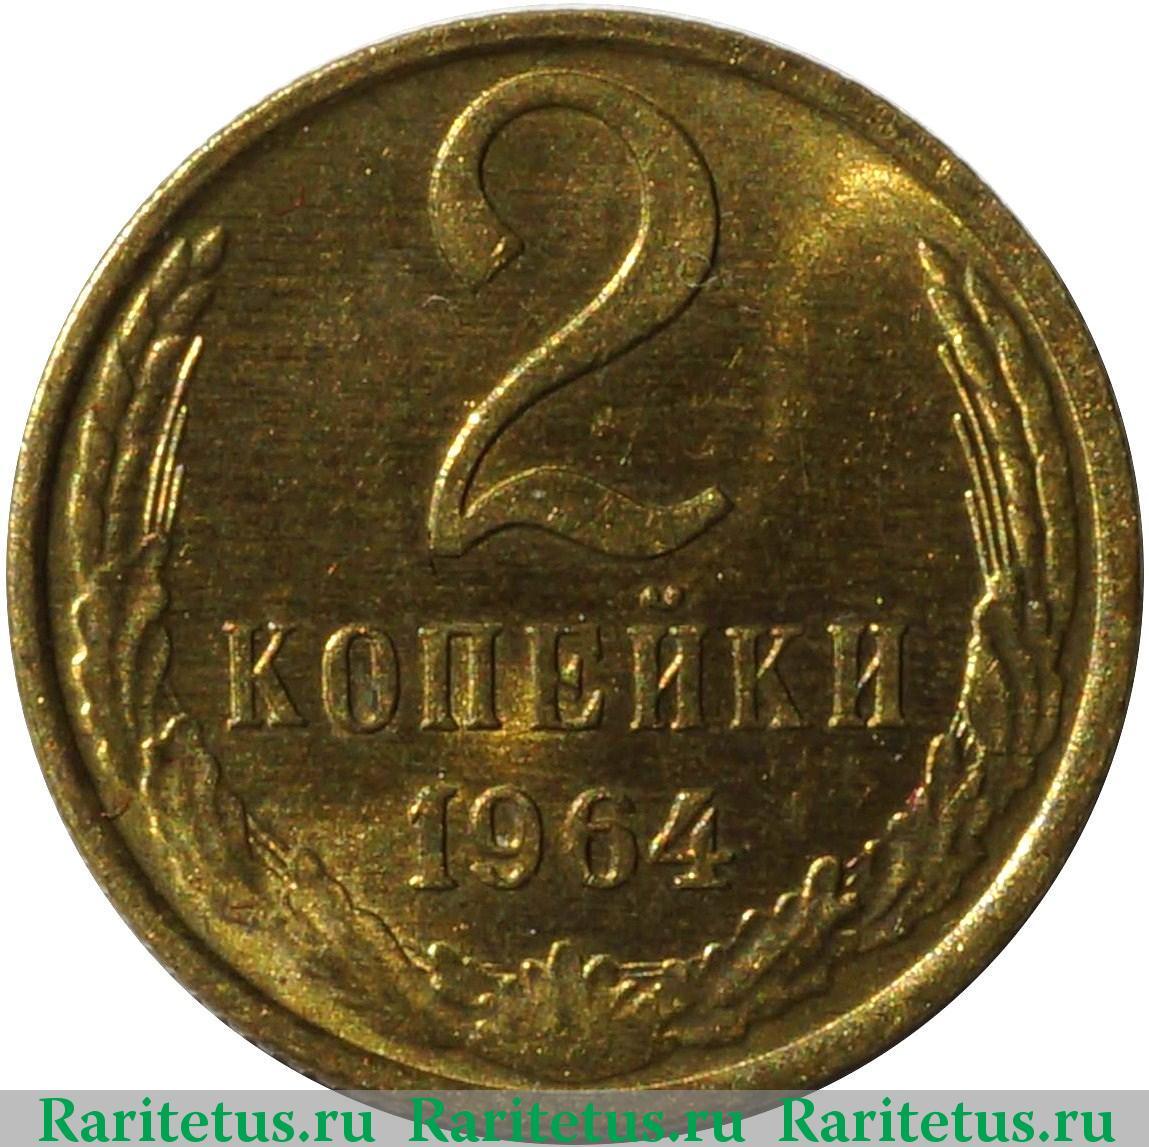 Монеты россии 2 копейки жетон таксофон мгтс цена пластик